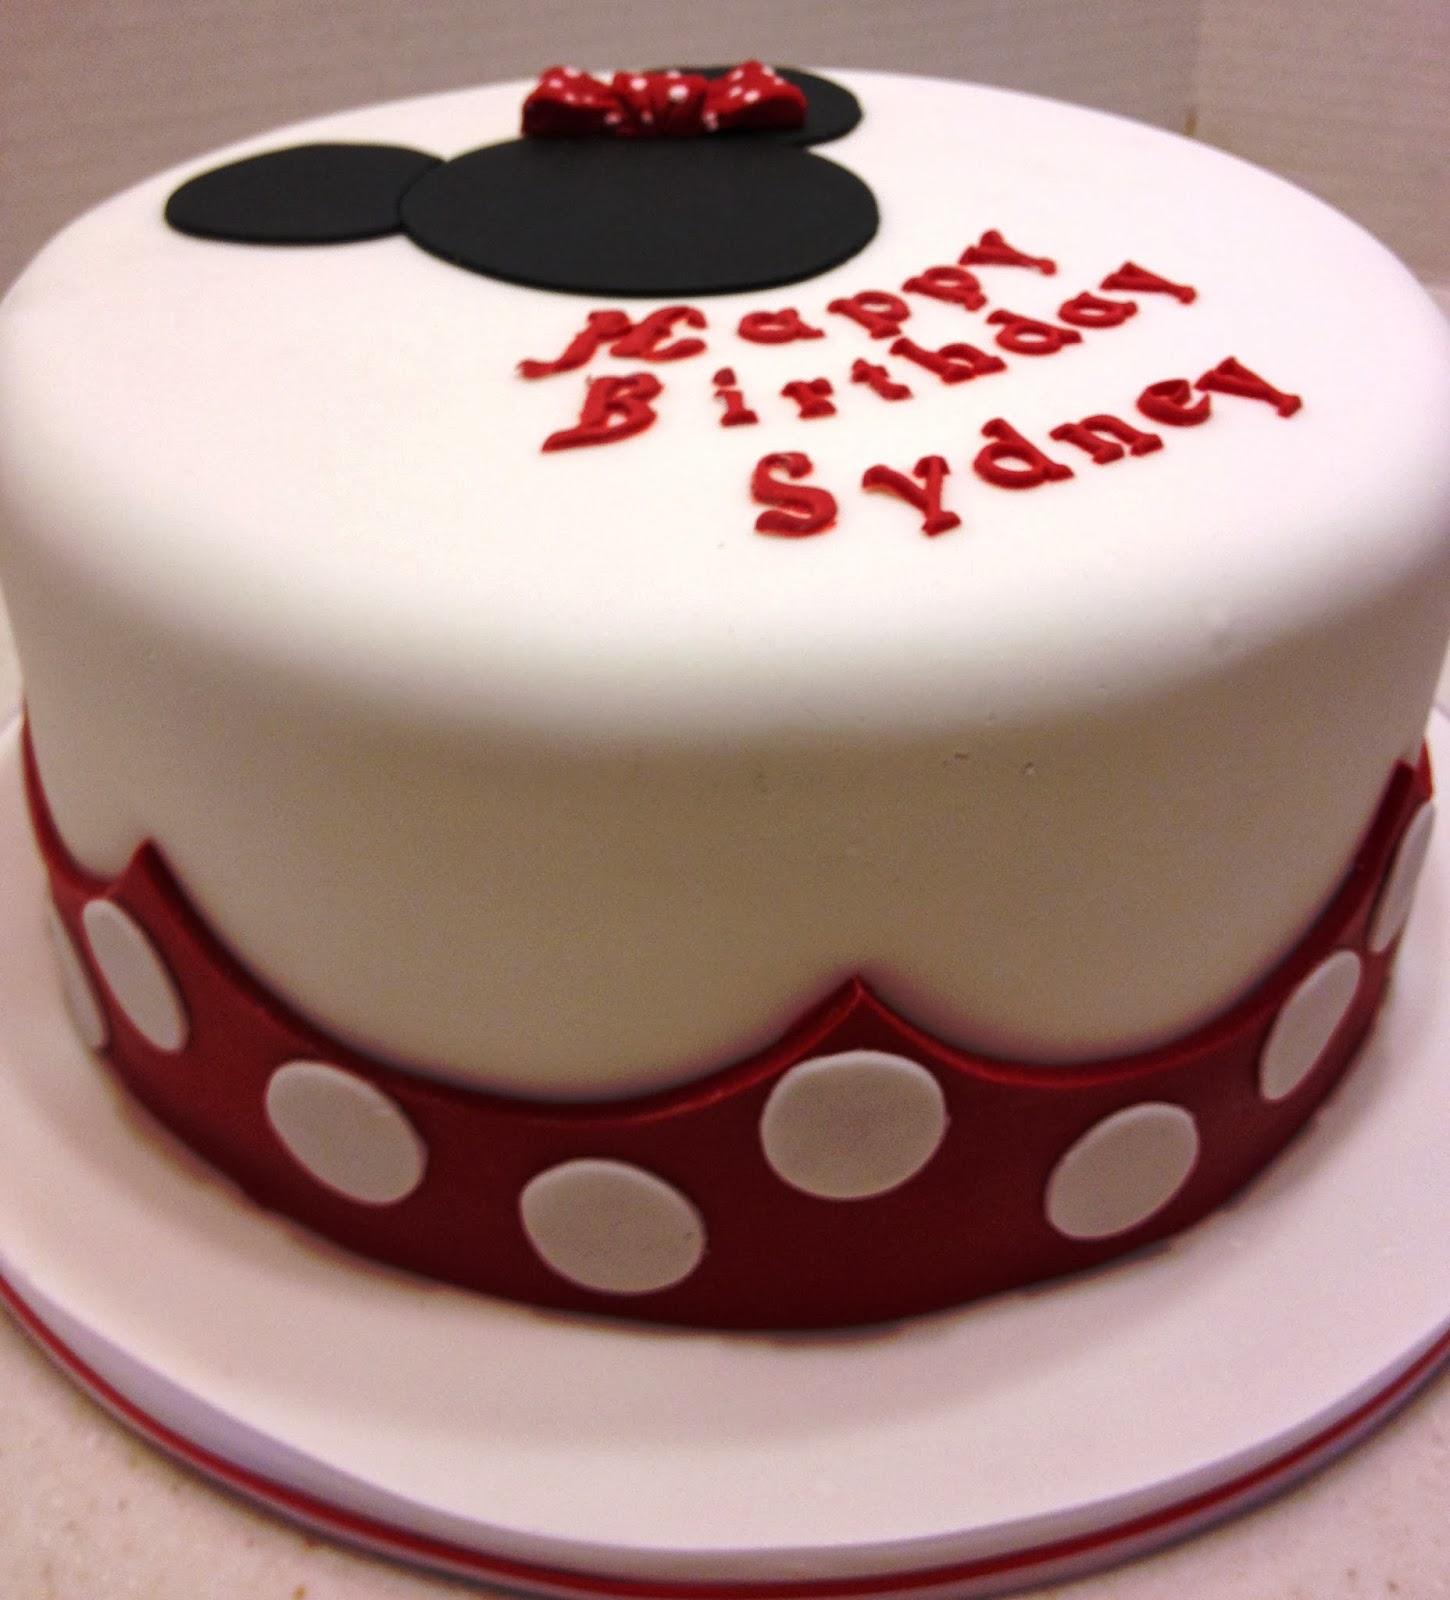 Sydney Birthday Cakes